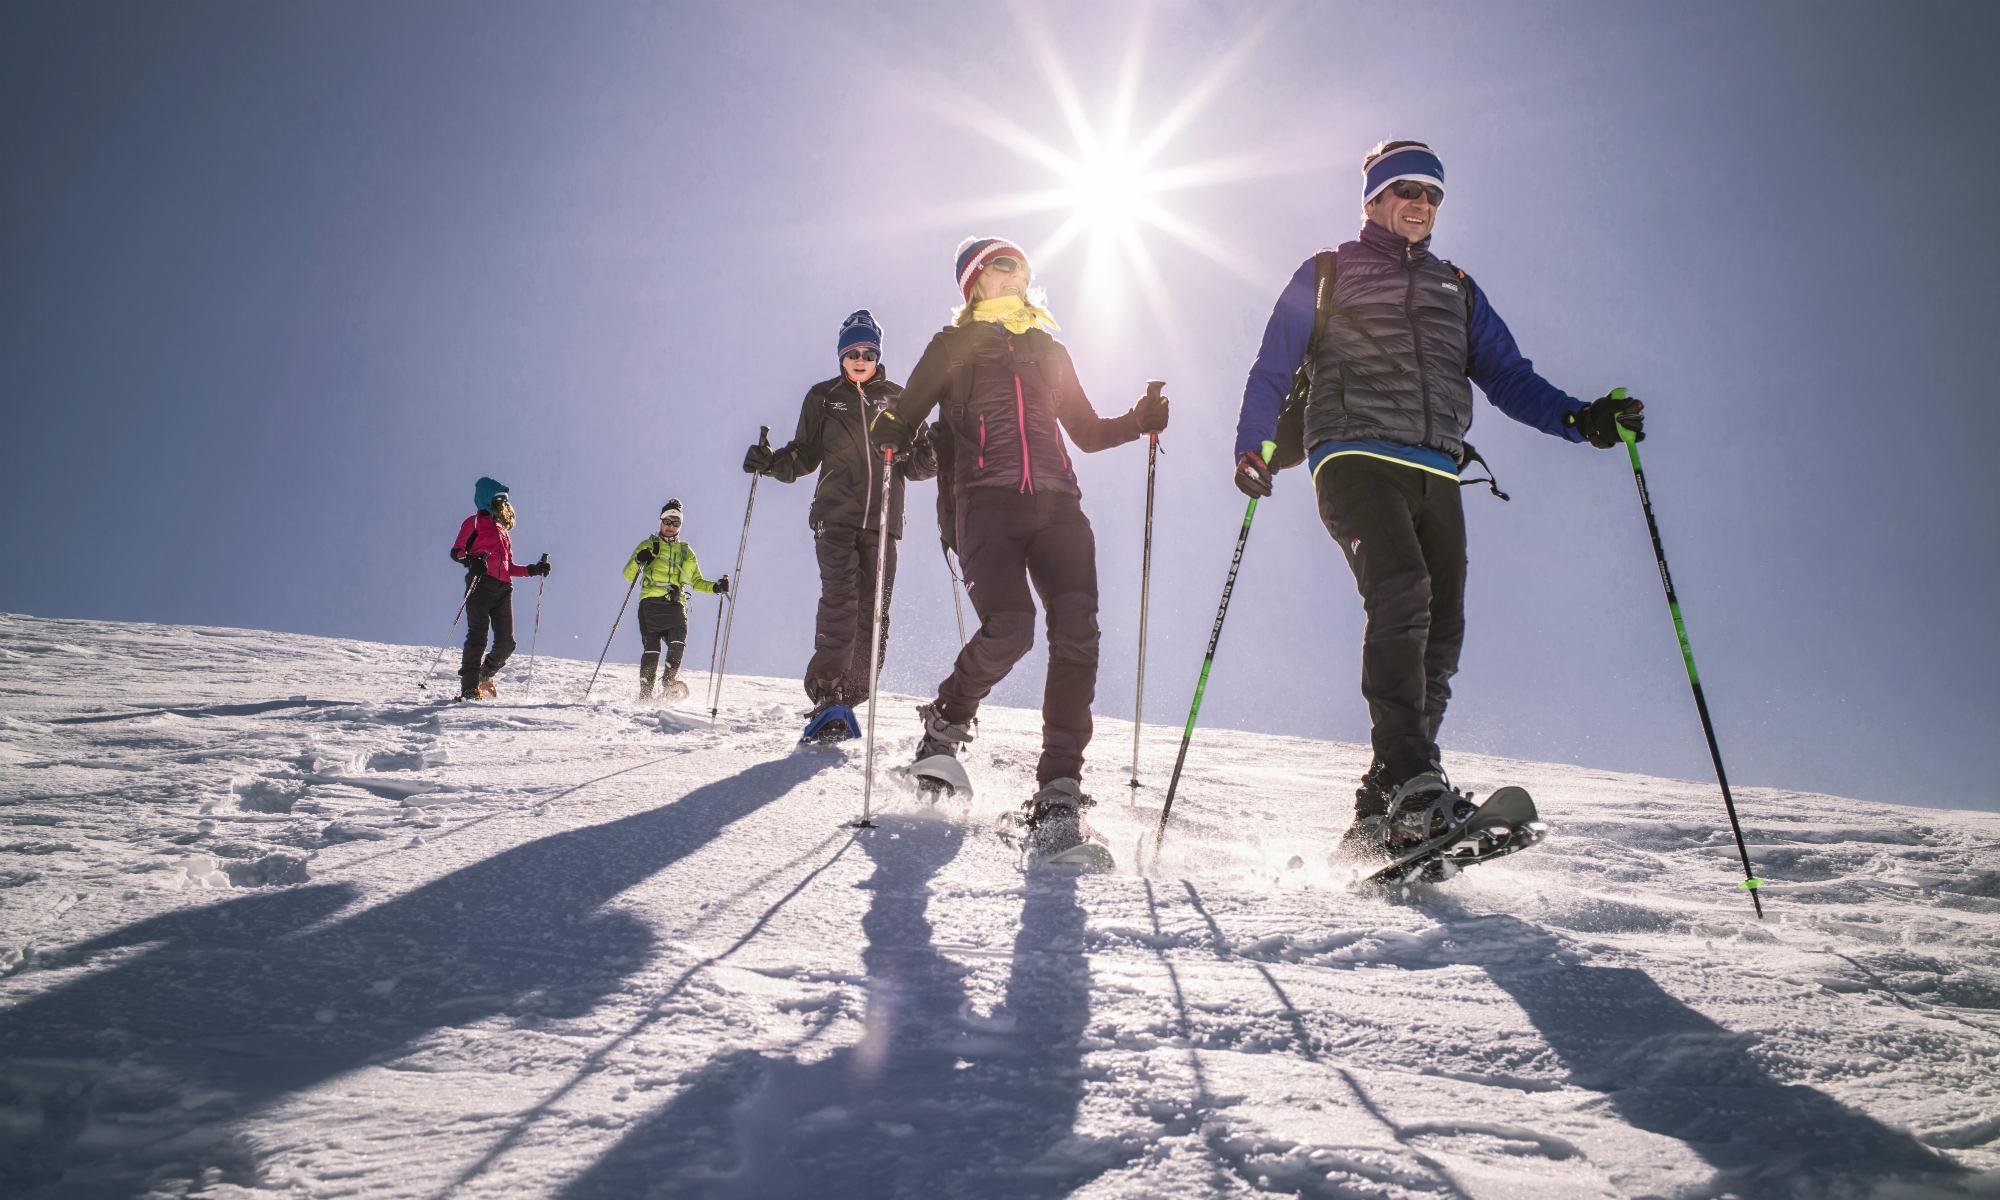 Auf einer sonnigen Piste in Verbier sind 5 Schneeschuhwanderer unterwegs.